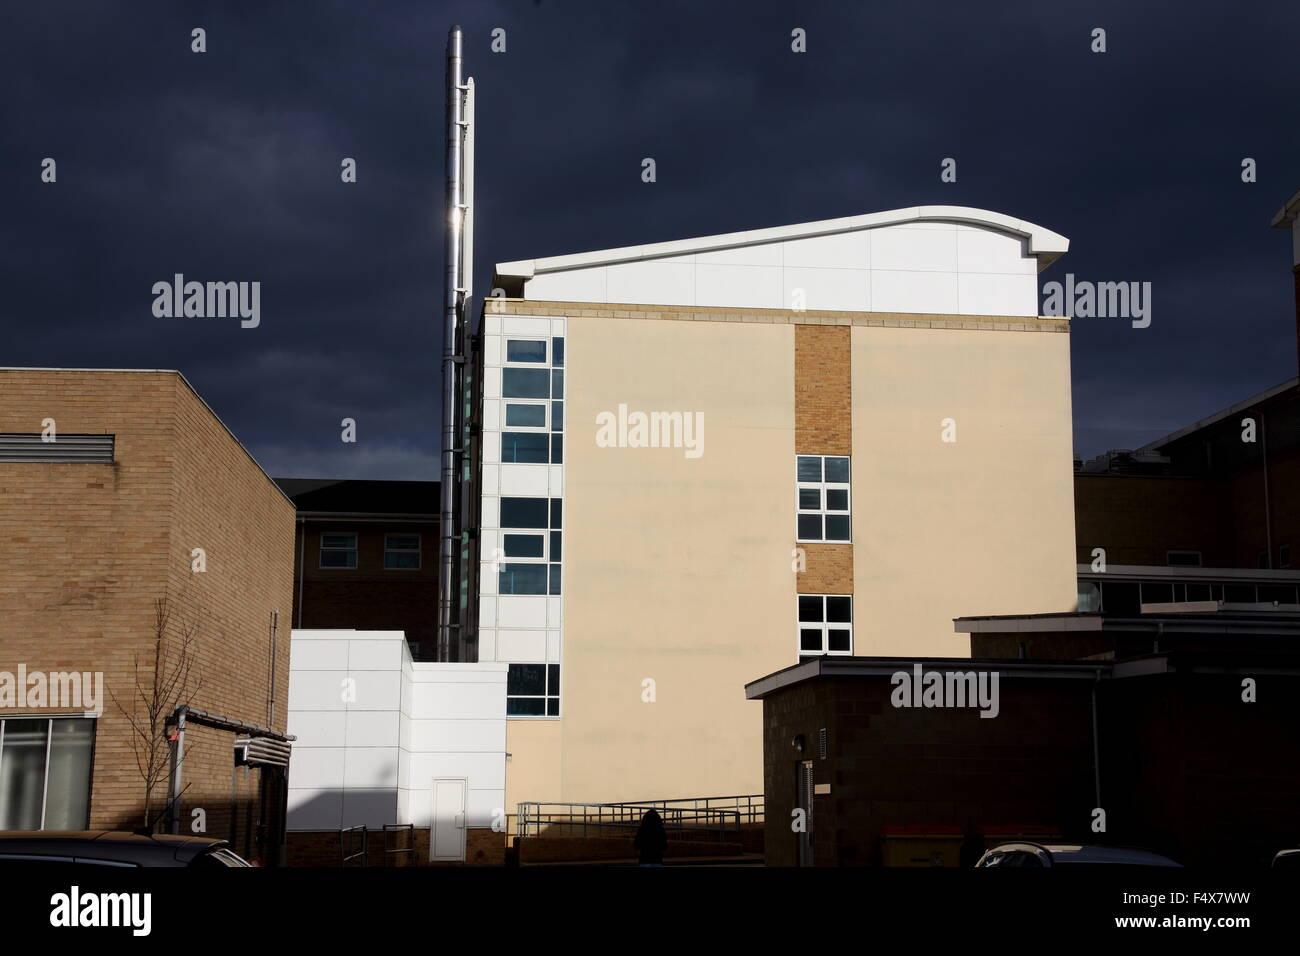 Un nettamente contrastanti con immagine di un luminoso edificio nella luce solare e una di colore molto scuro e Immagini Stock